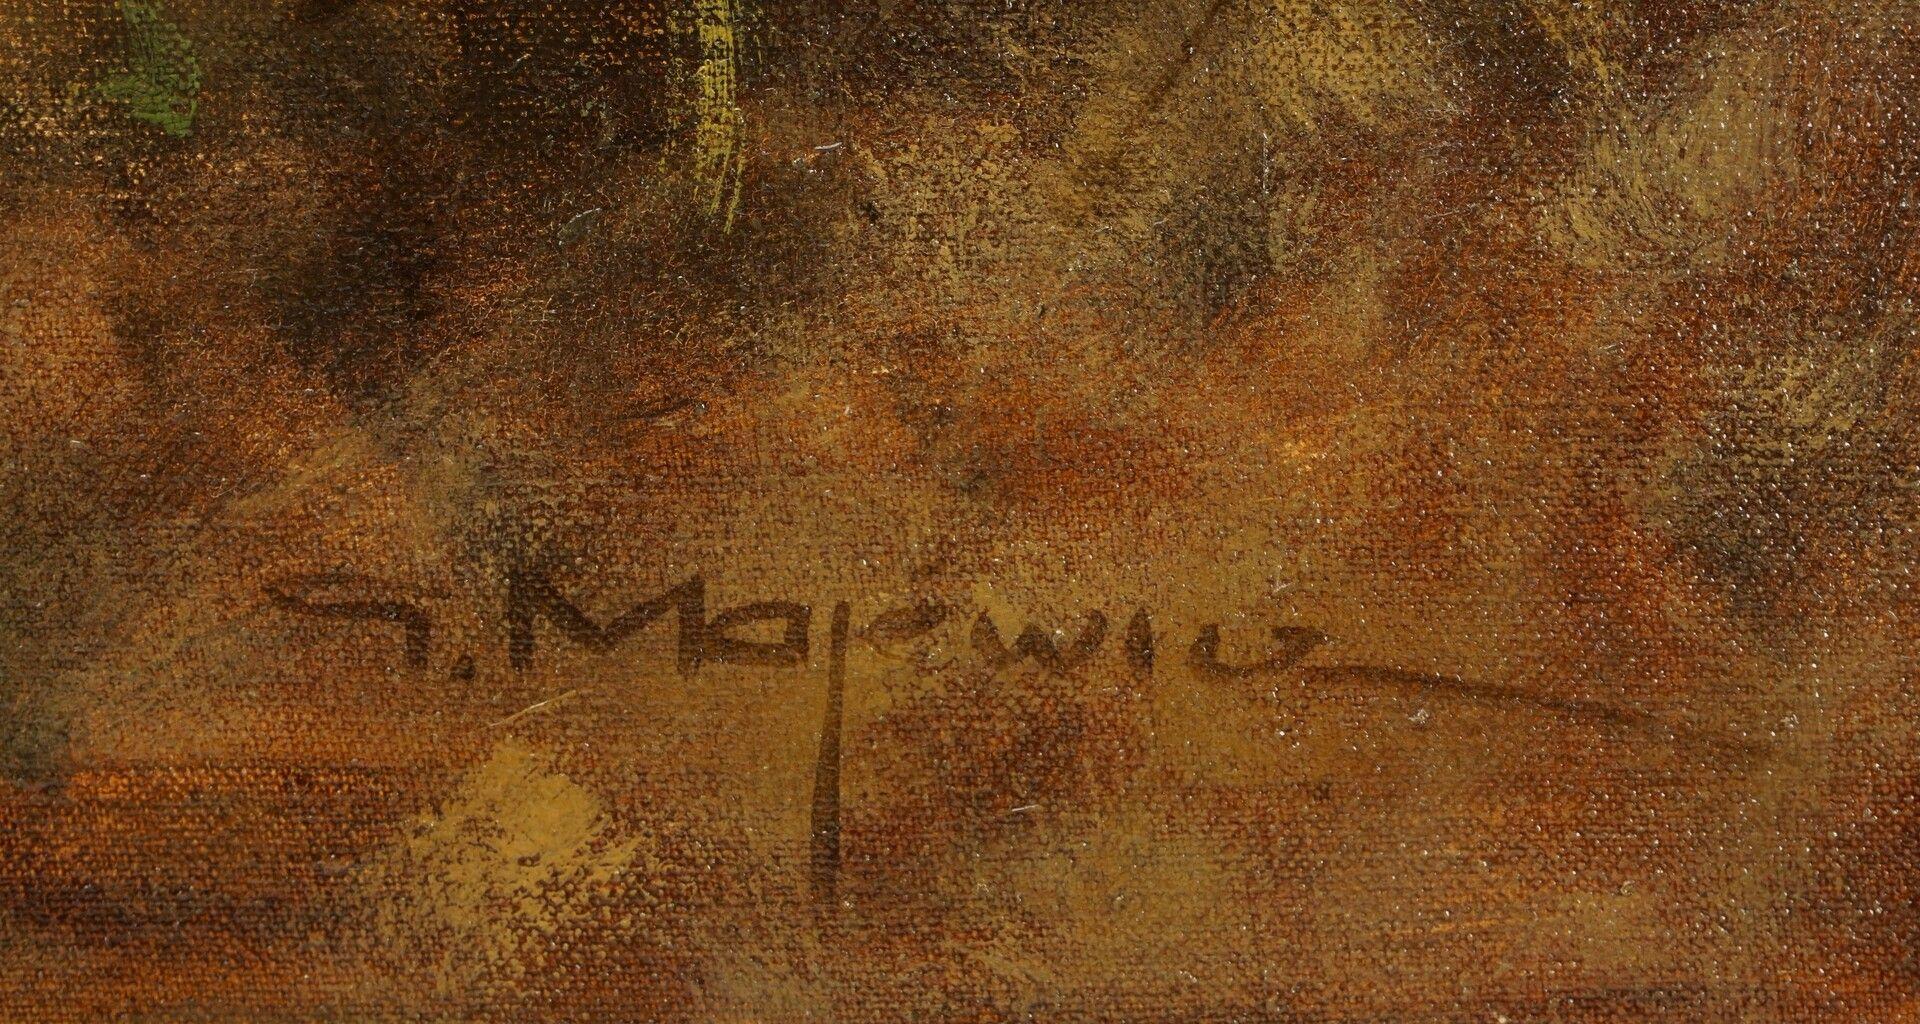 Georg Majewicz, Kapitalhirsch auf kleiner Lichtung - Bild 4 aus 4